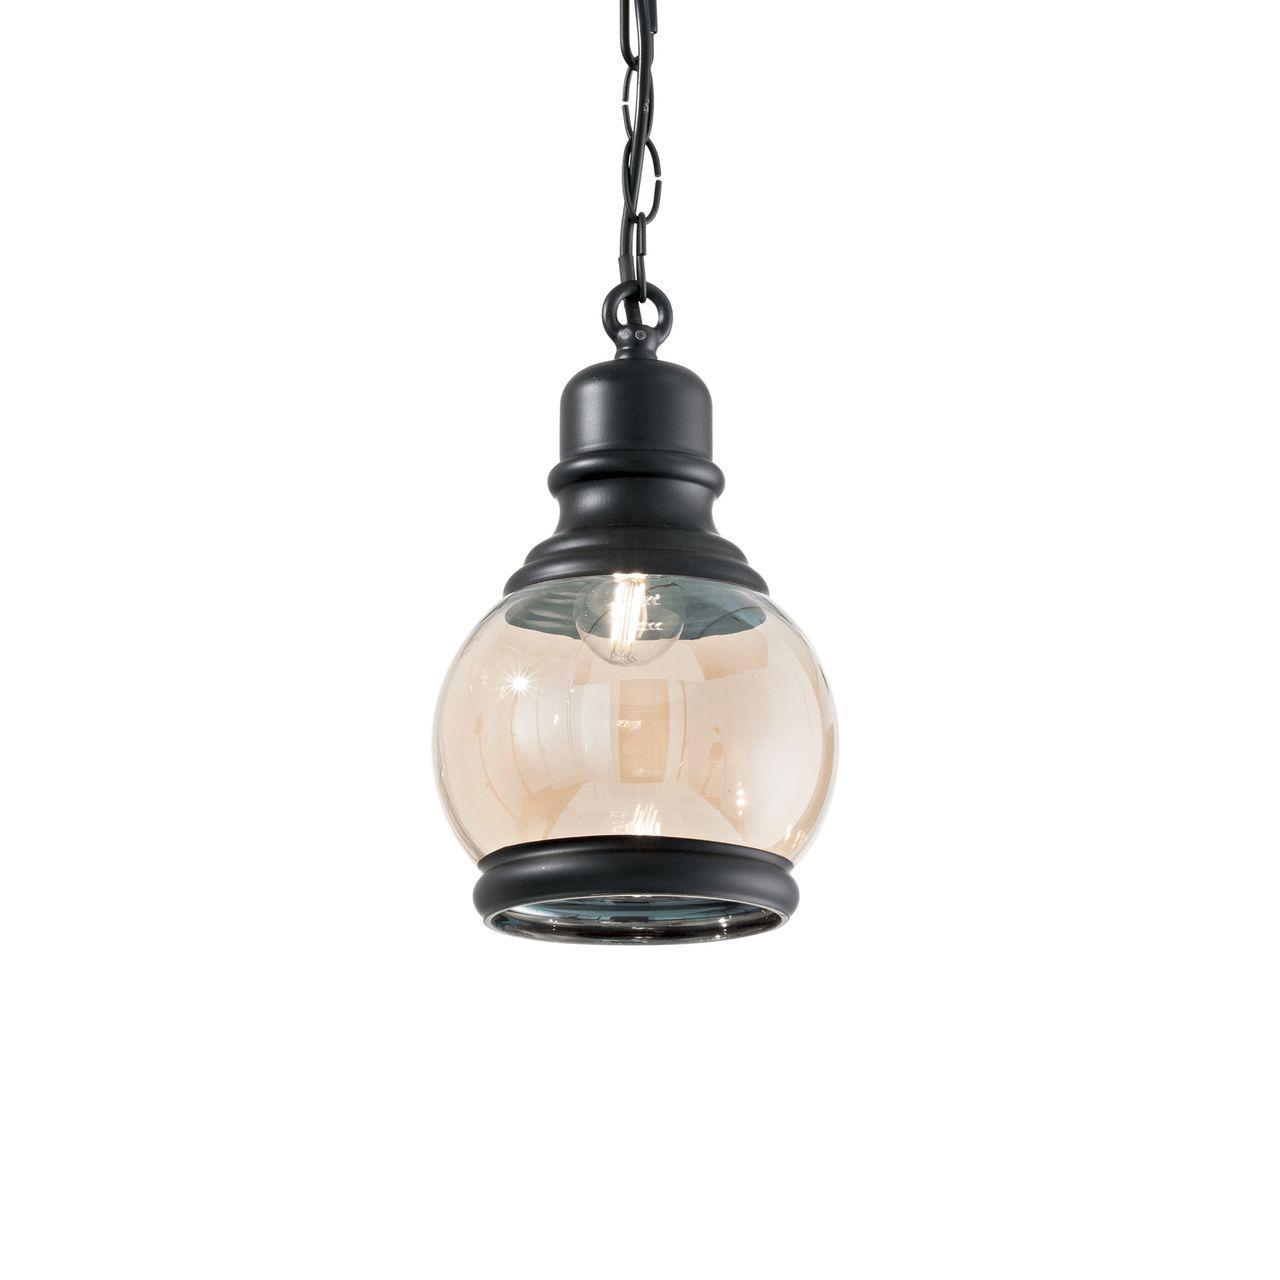 Подвесной светильник Ideal Lux Hansel SP1 Round подвесной светильник ideal lux hansel sp1 oval